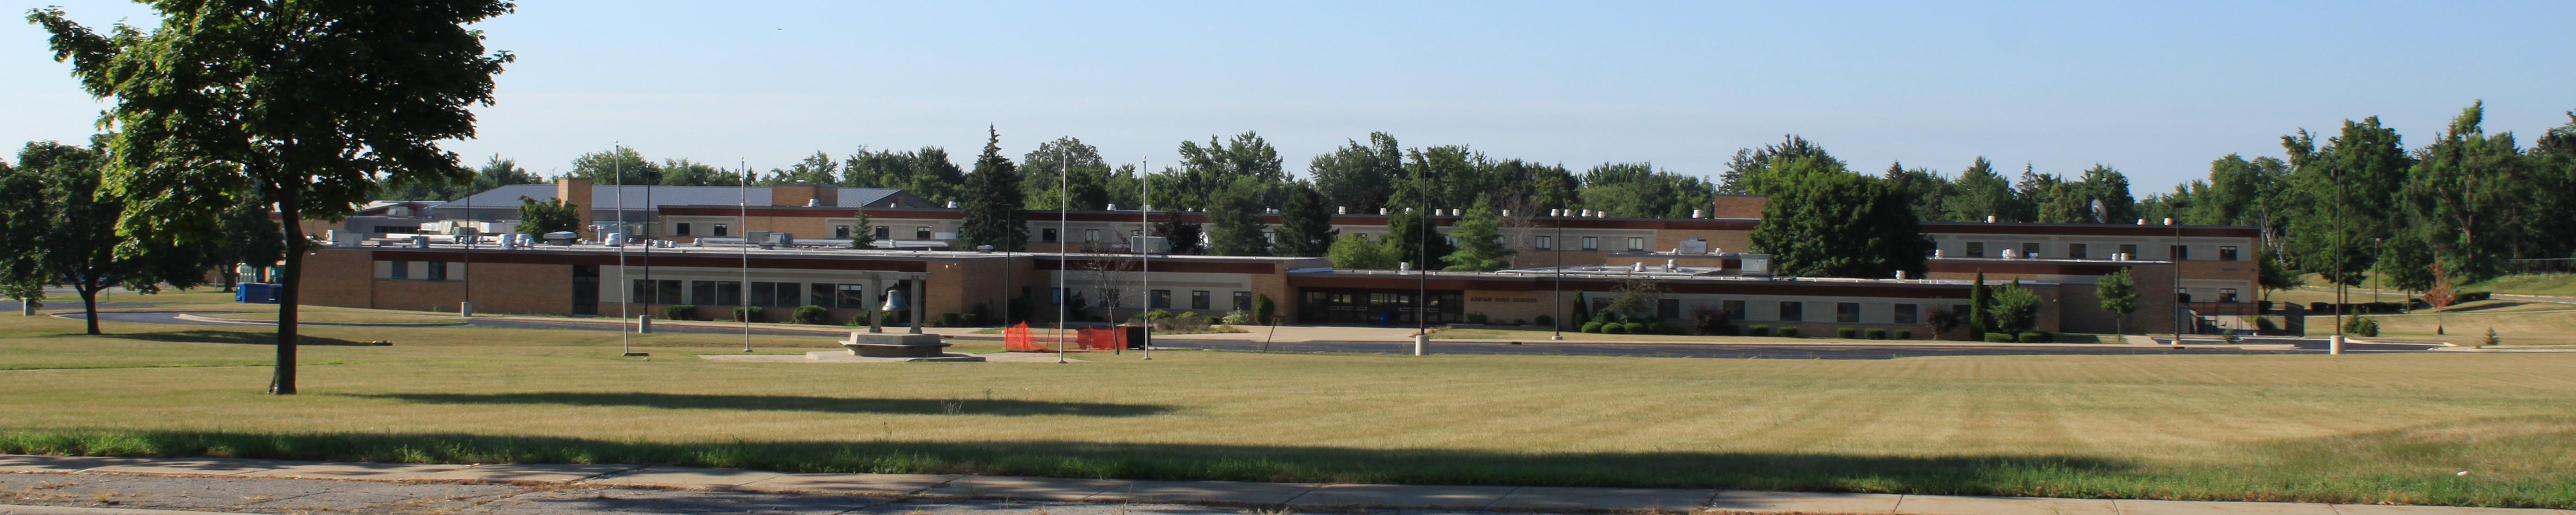 Kết quả hình ảnh cho adrian high school, michigan